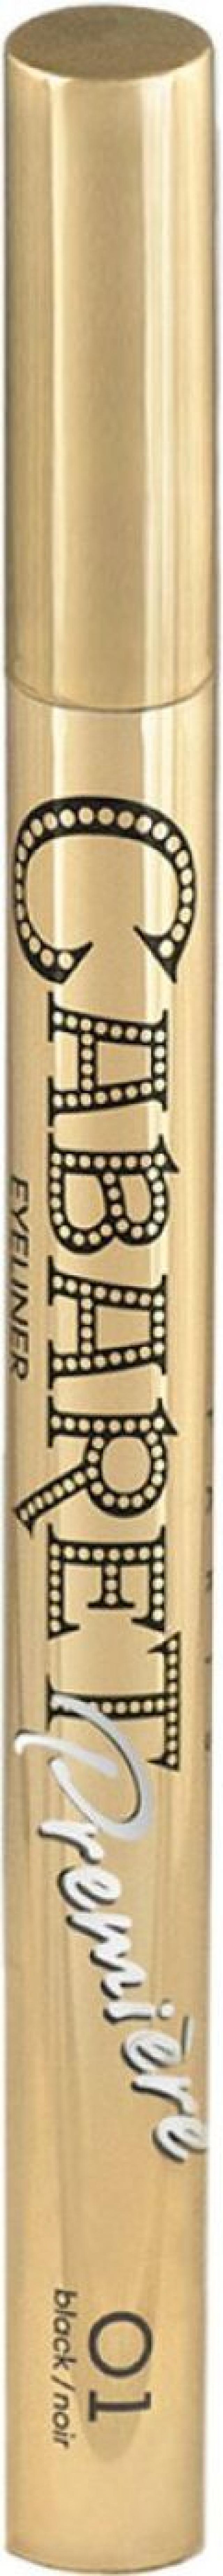 Вивьен Сабо подводка-карандаш для глаз Кабаре Премьер т.01 купить в Москве по цене от 0 рублей